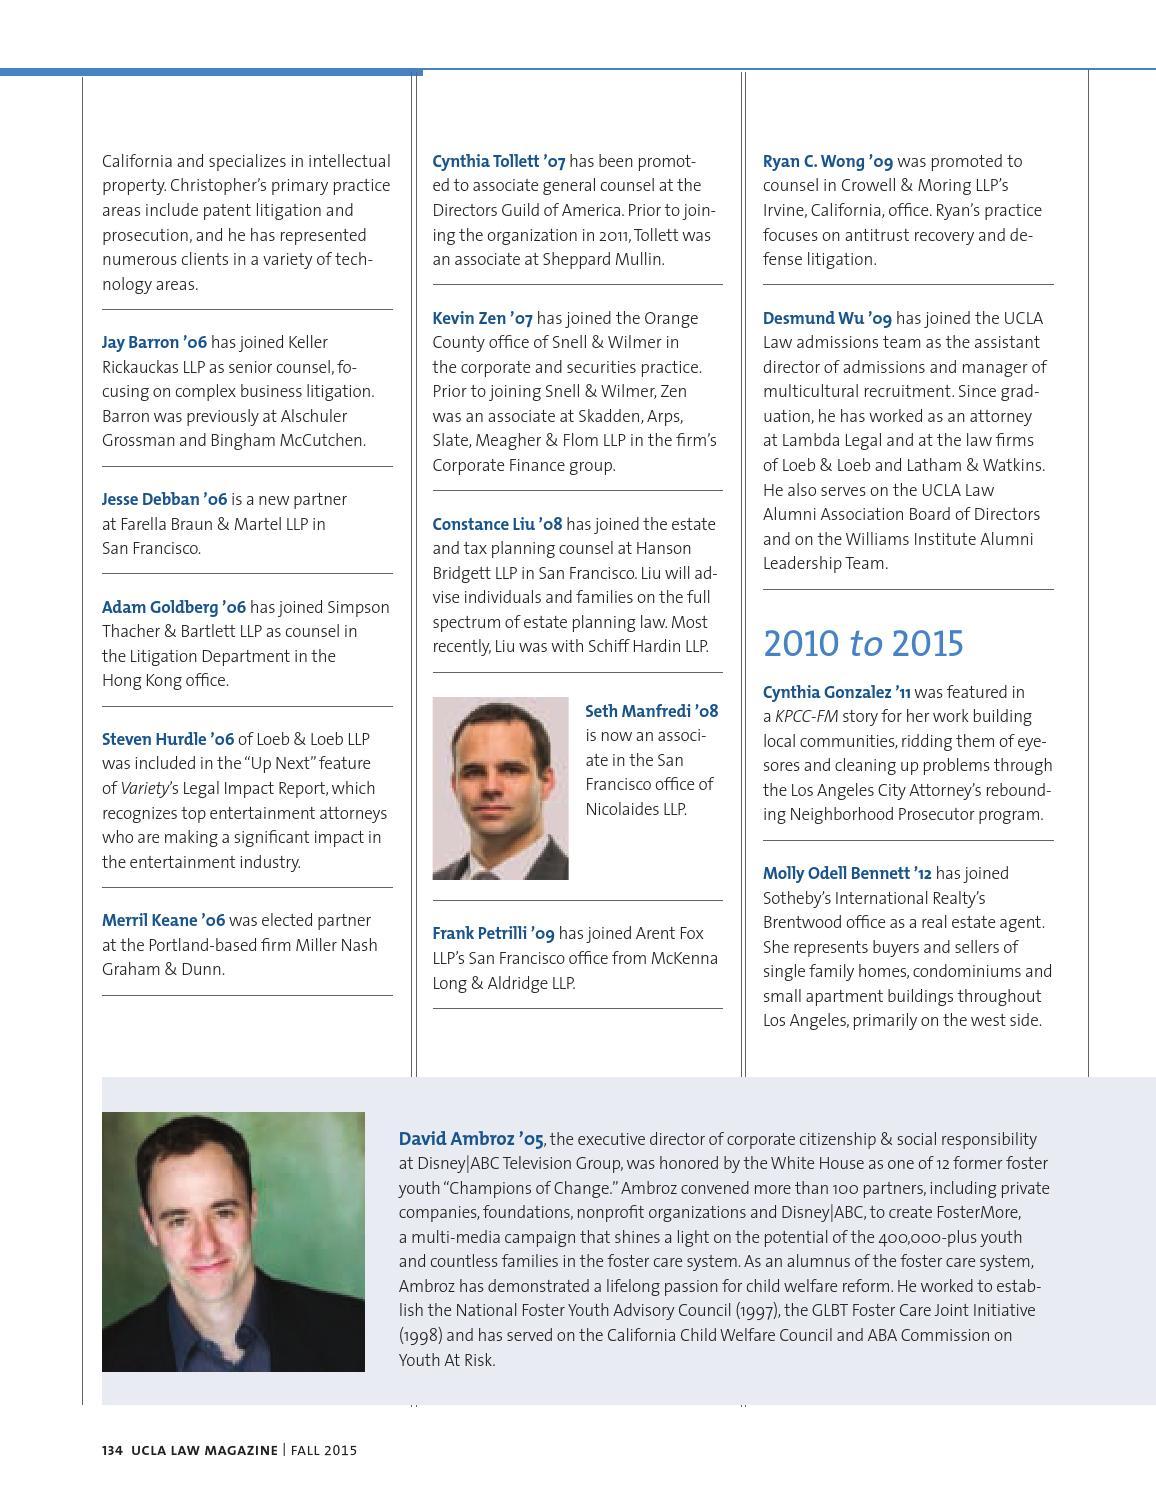 UCLA Law Magazine 2015 by UCLA Law - issuu